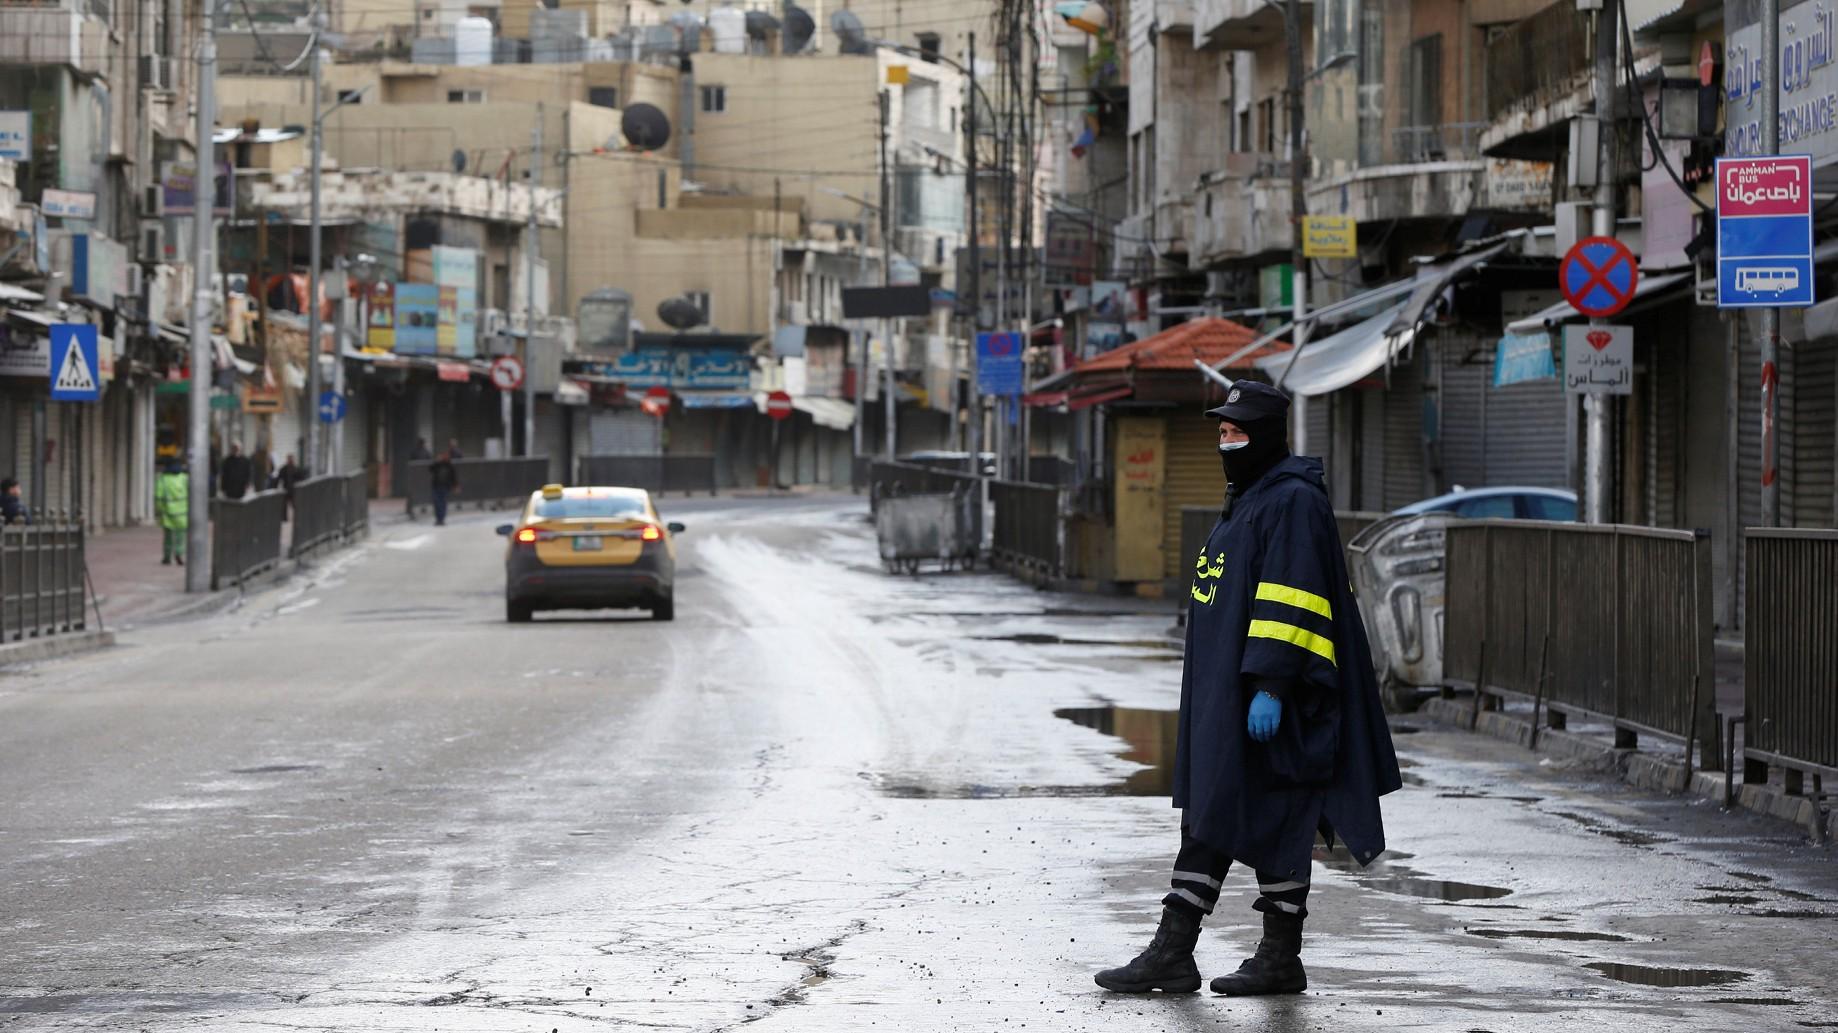 لبنان والأردن أمام تحدّيات الوباء: ما العمل في ظلّ أزمة صحّية ومعيشية في غياب فرص الاستدانة؟